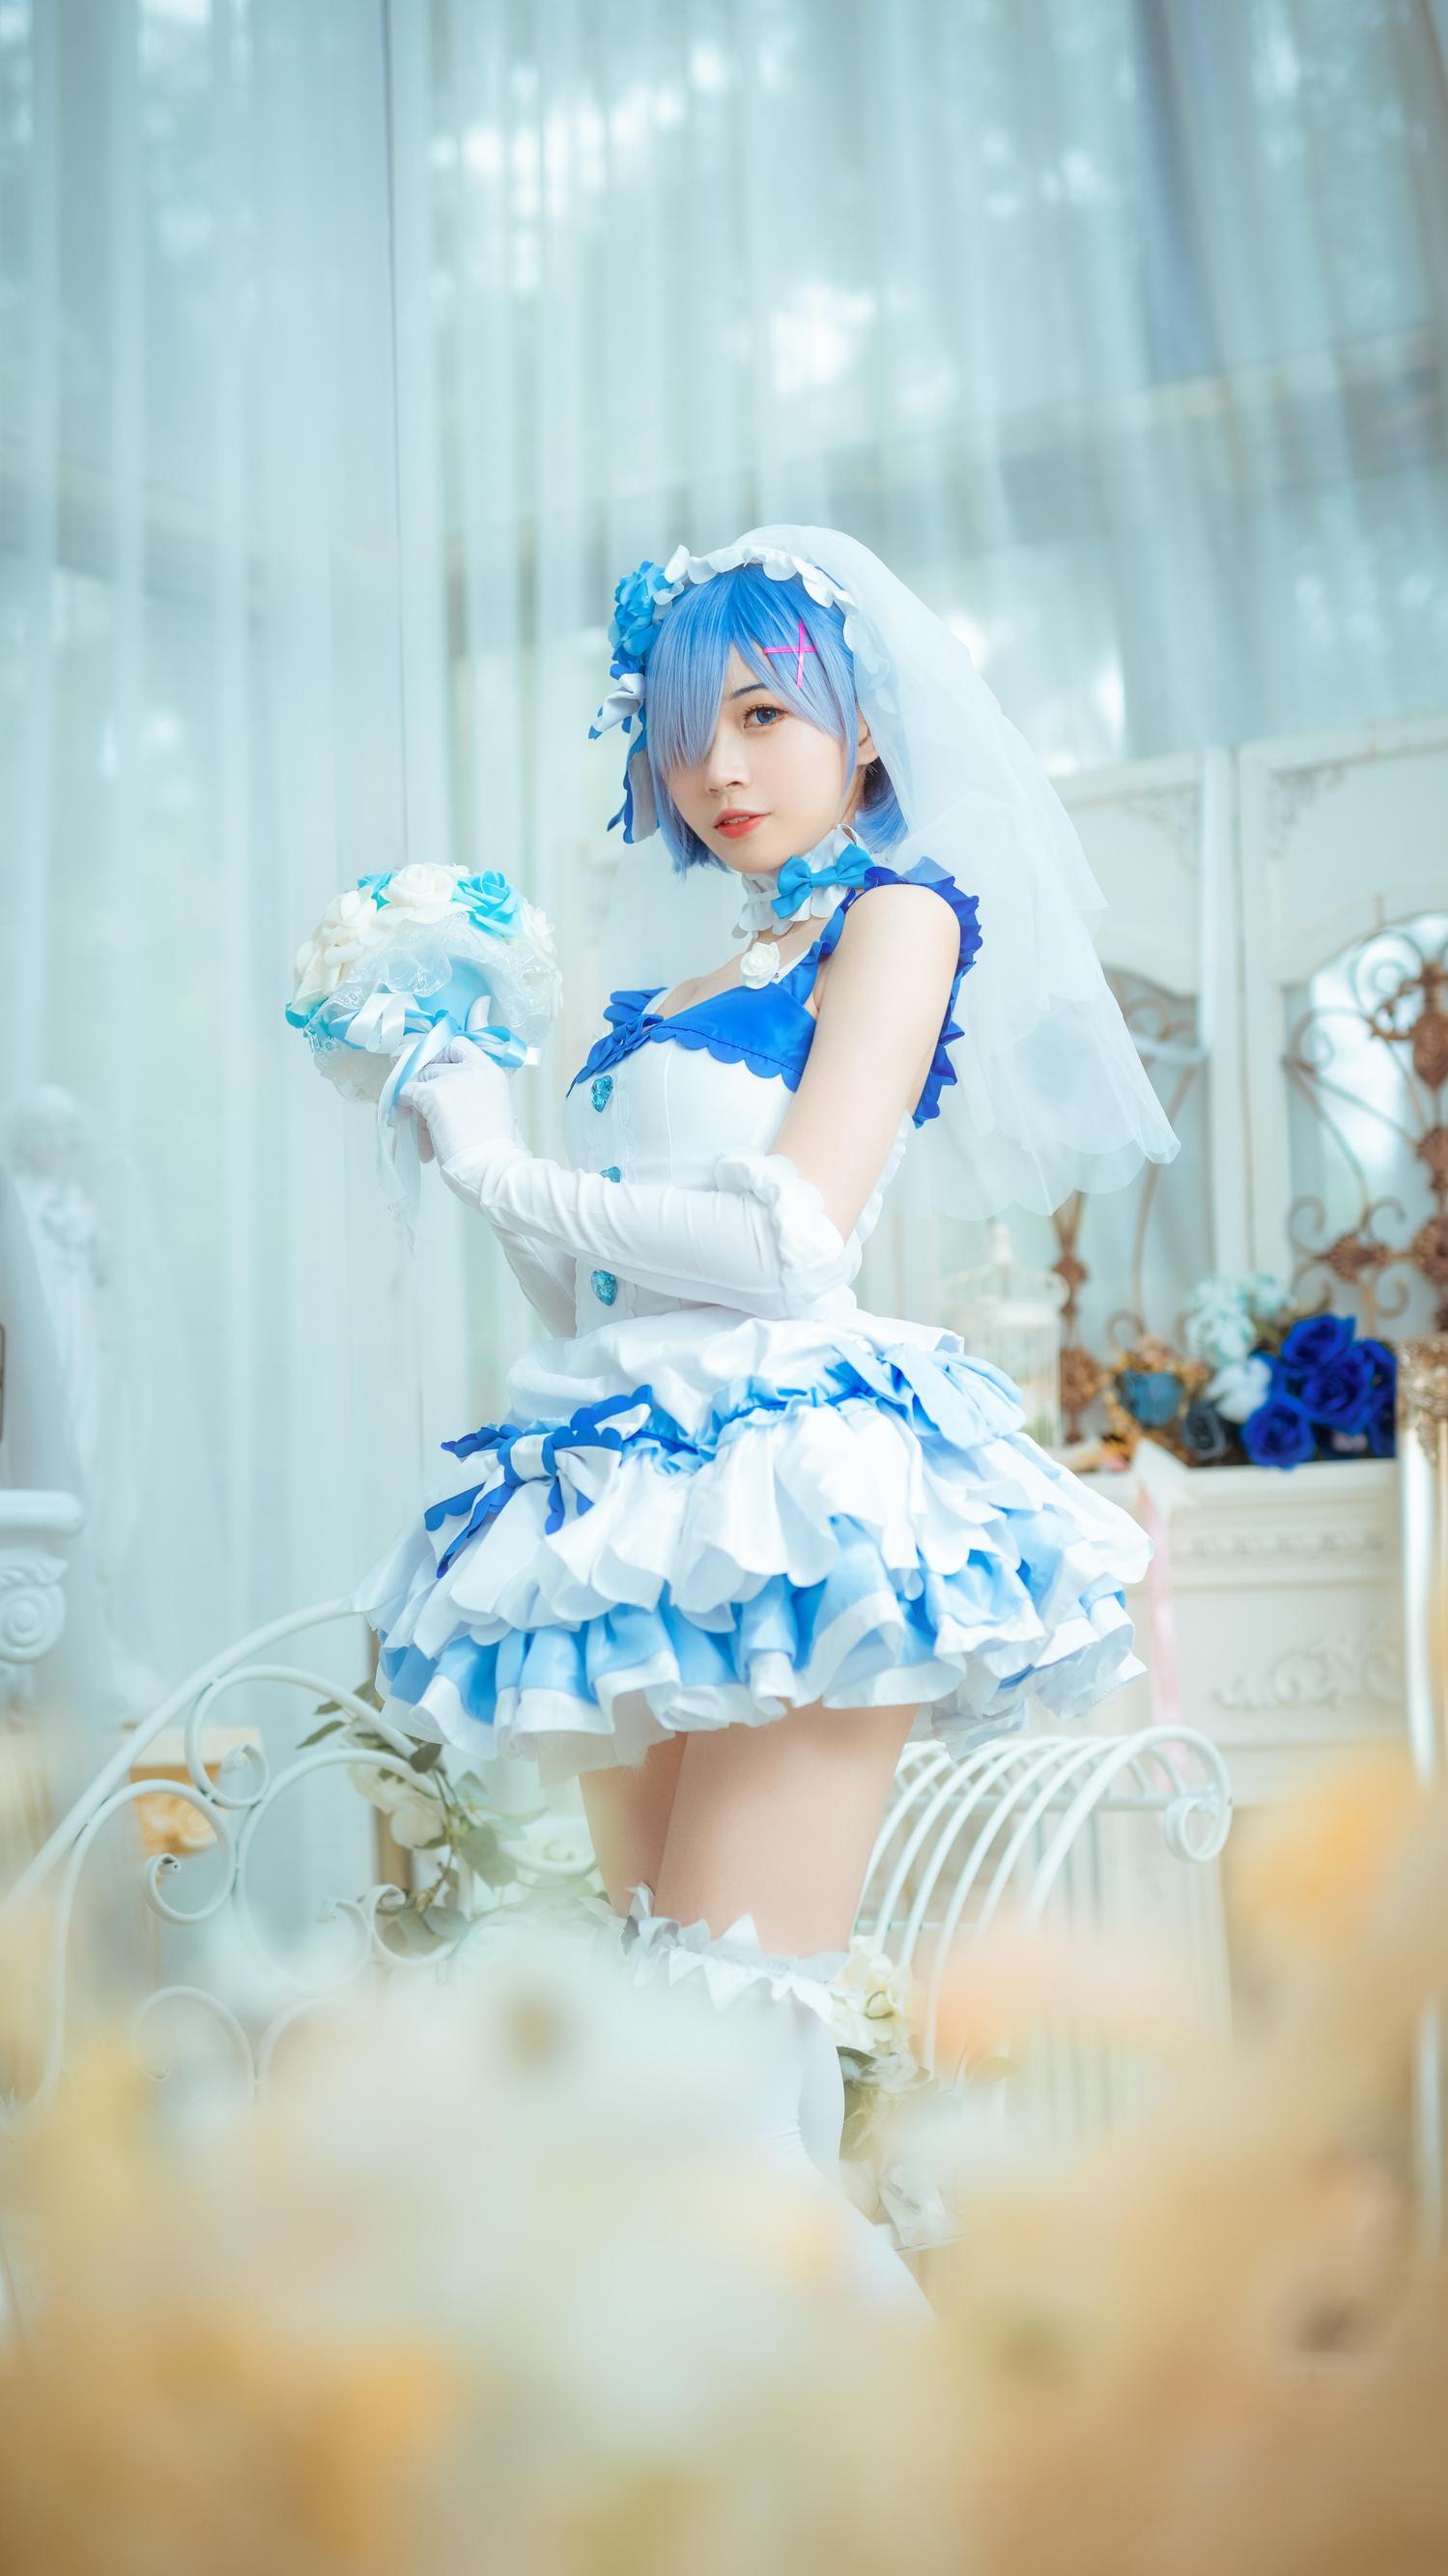 《RE:从零开始的异世界生活》正片cosplay【CN:铅华wr】-第10张